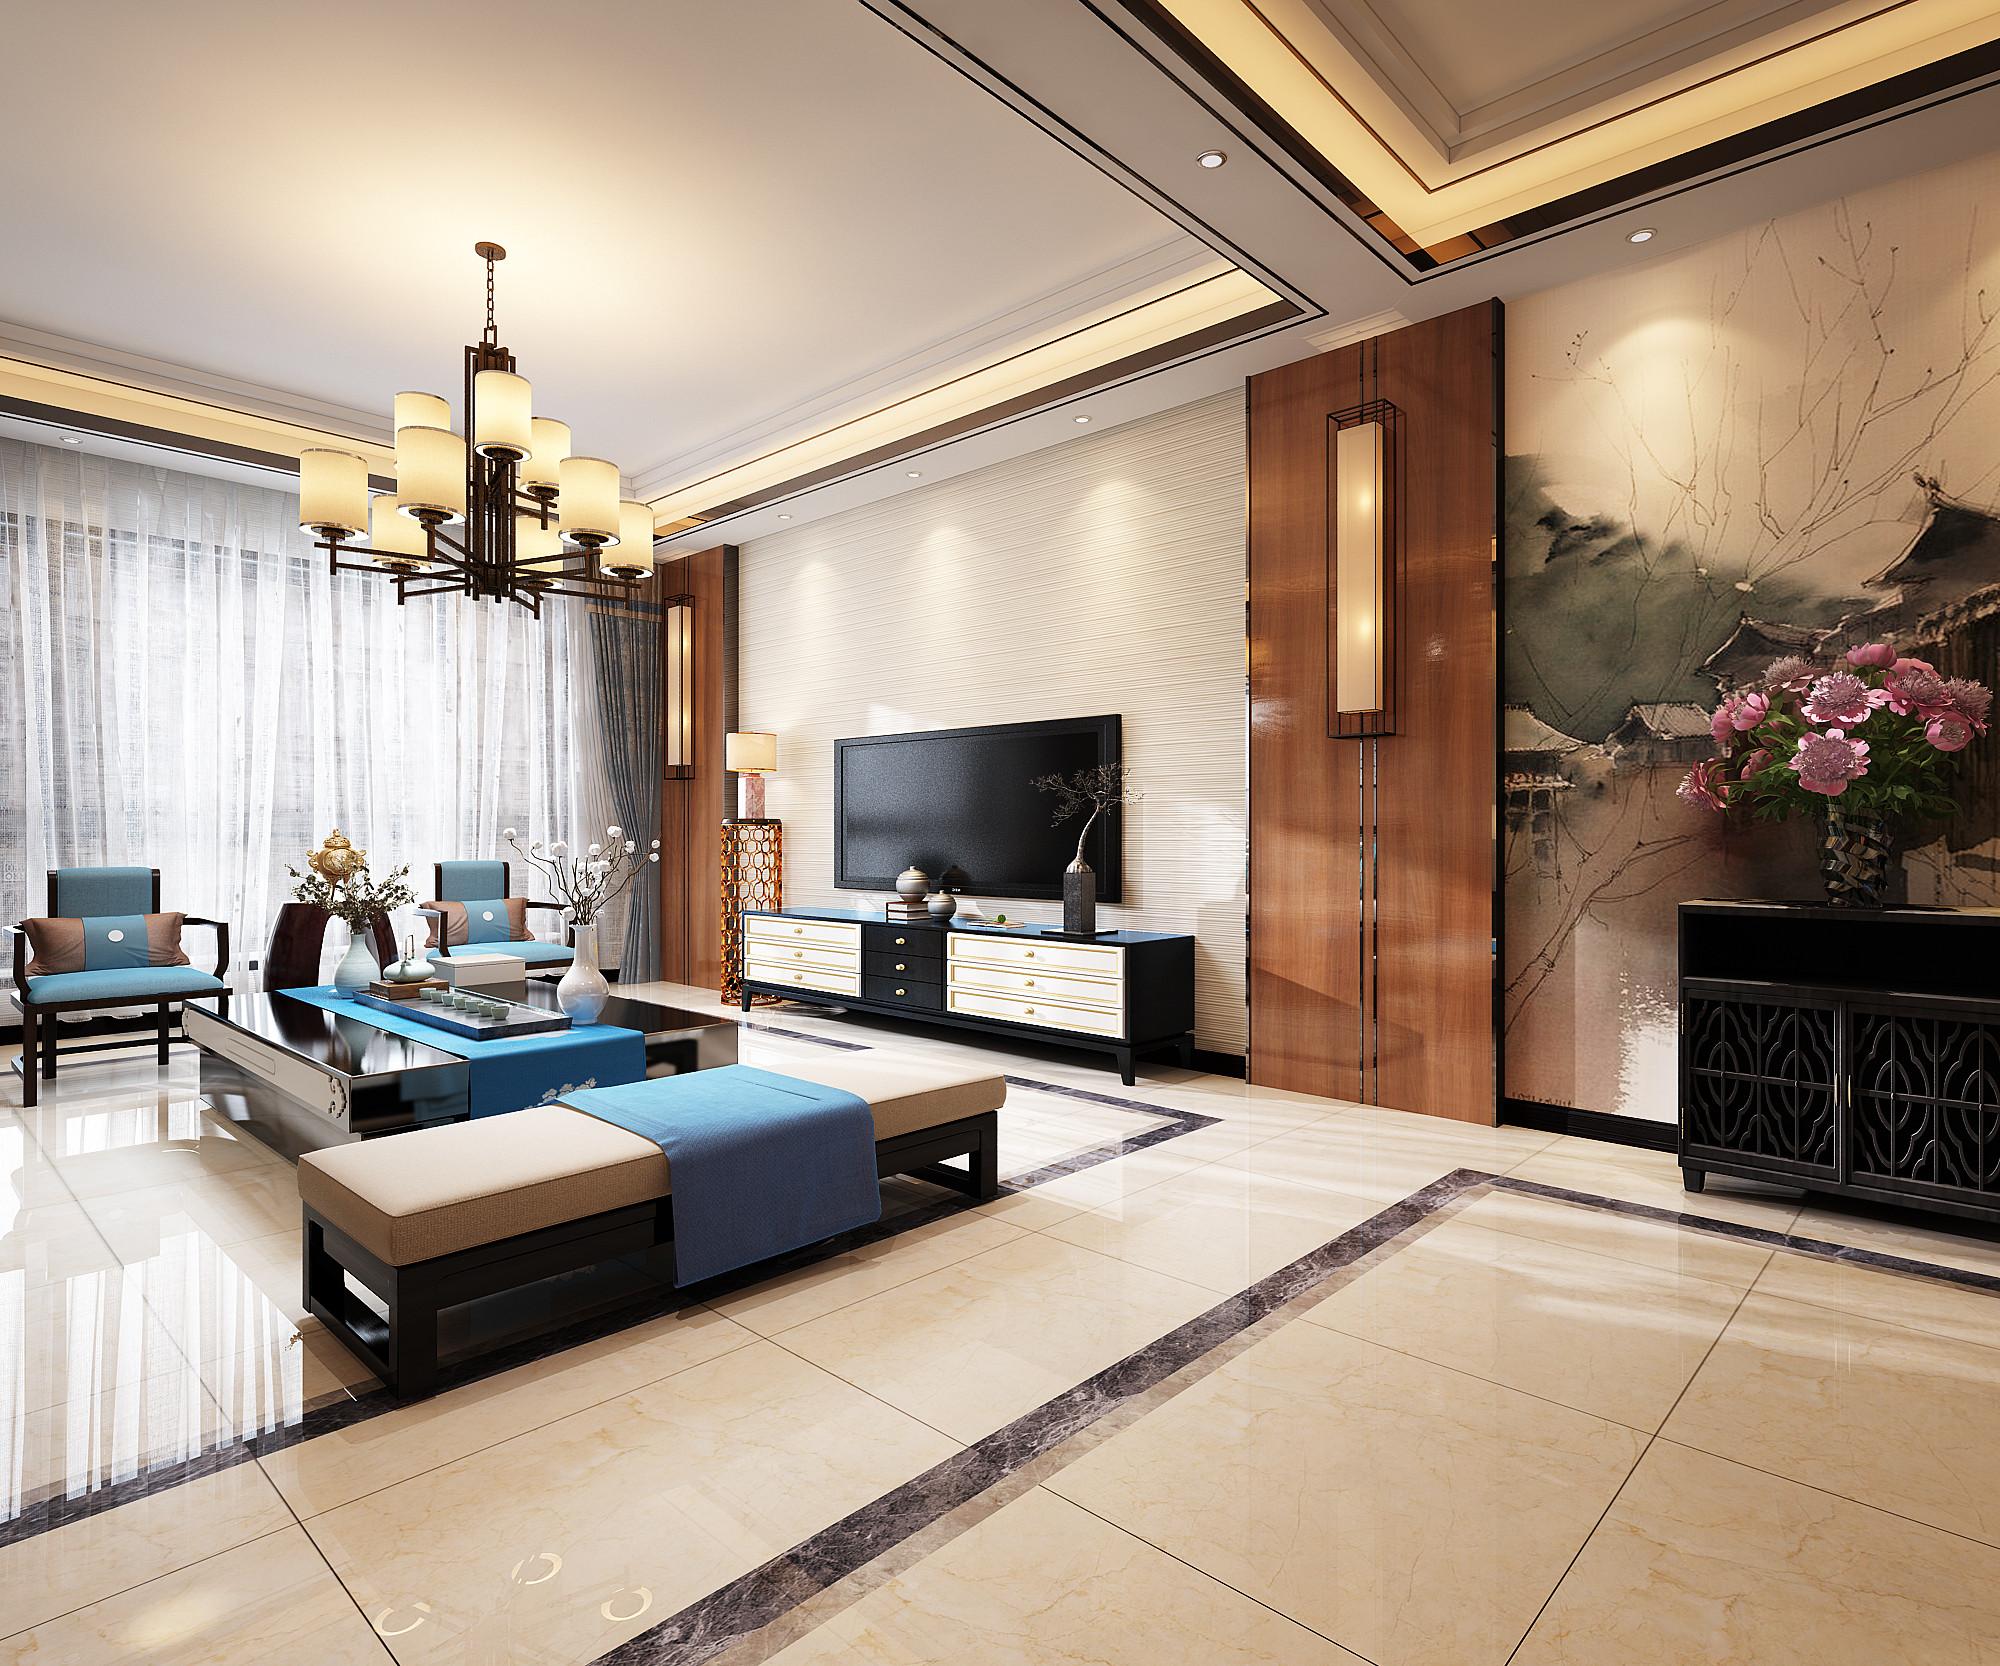 140平米中式风格电视背景墙装修效果图